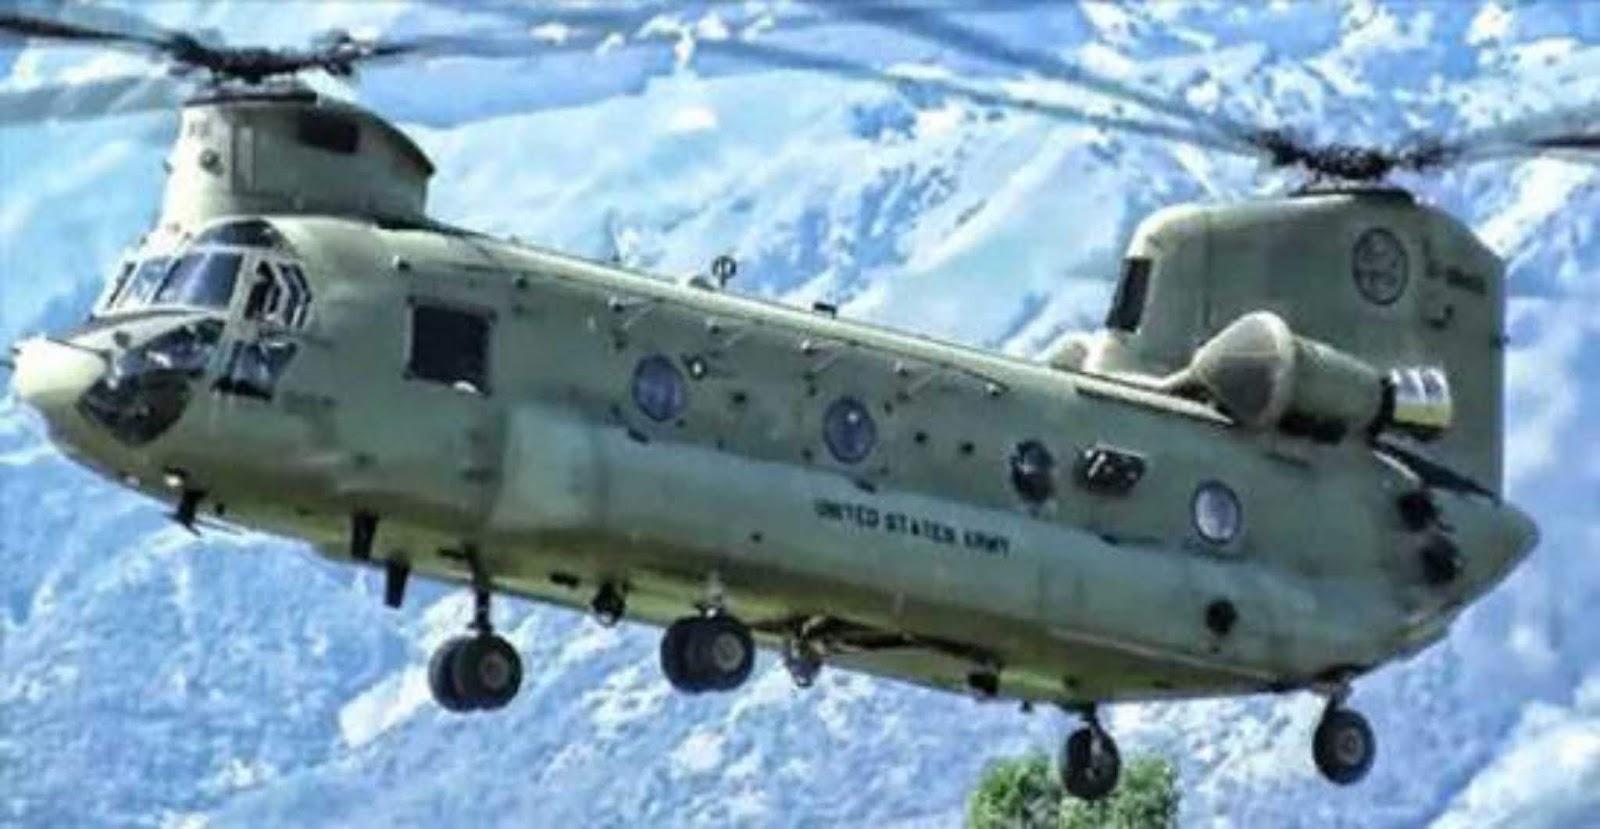 Peningkatan potensi helikopter Chinook akan berlangsung hingga 2050-an